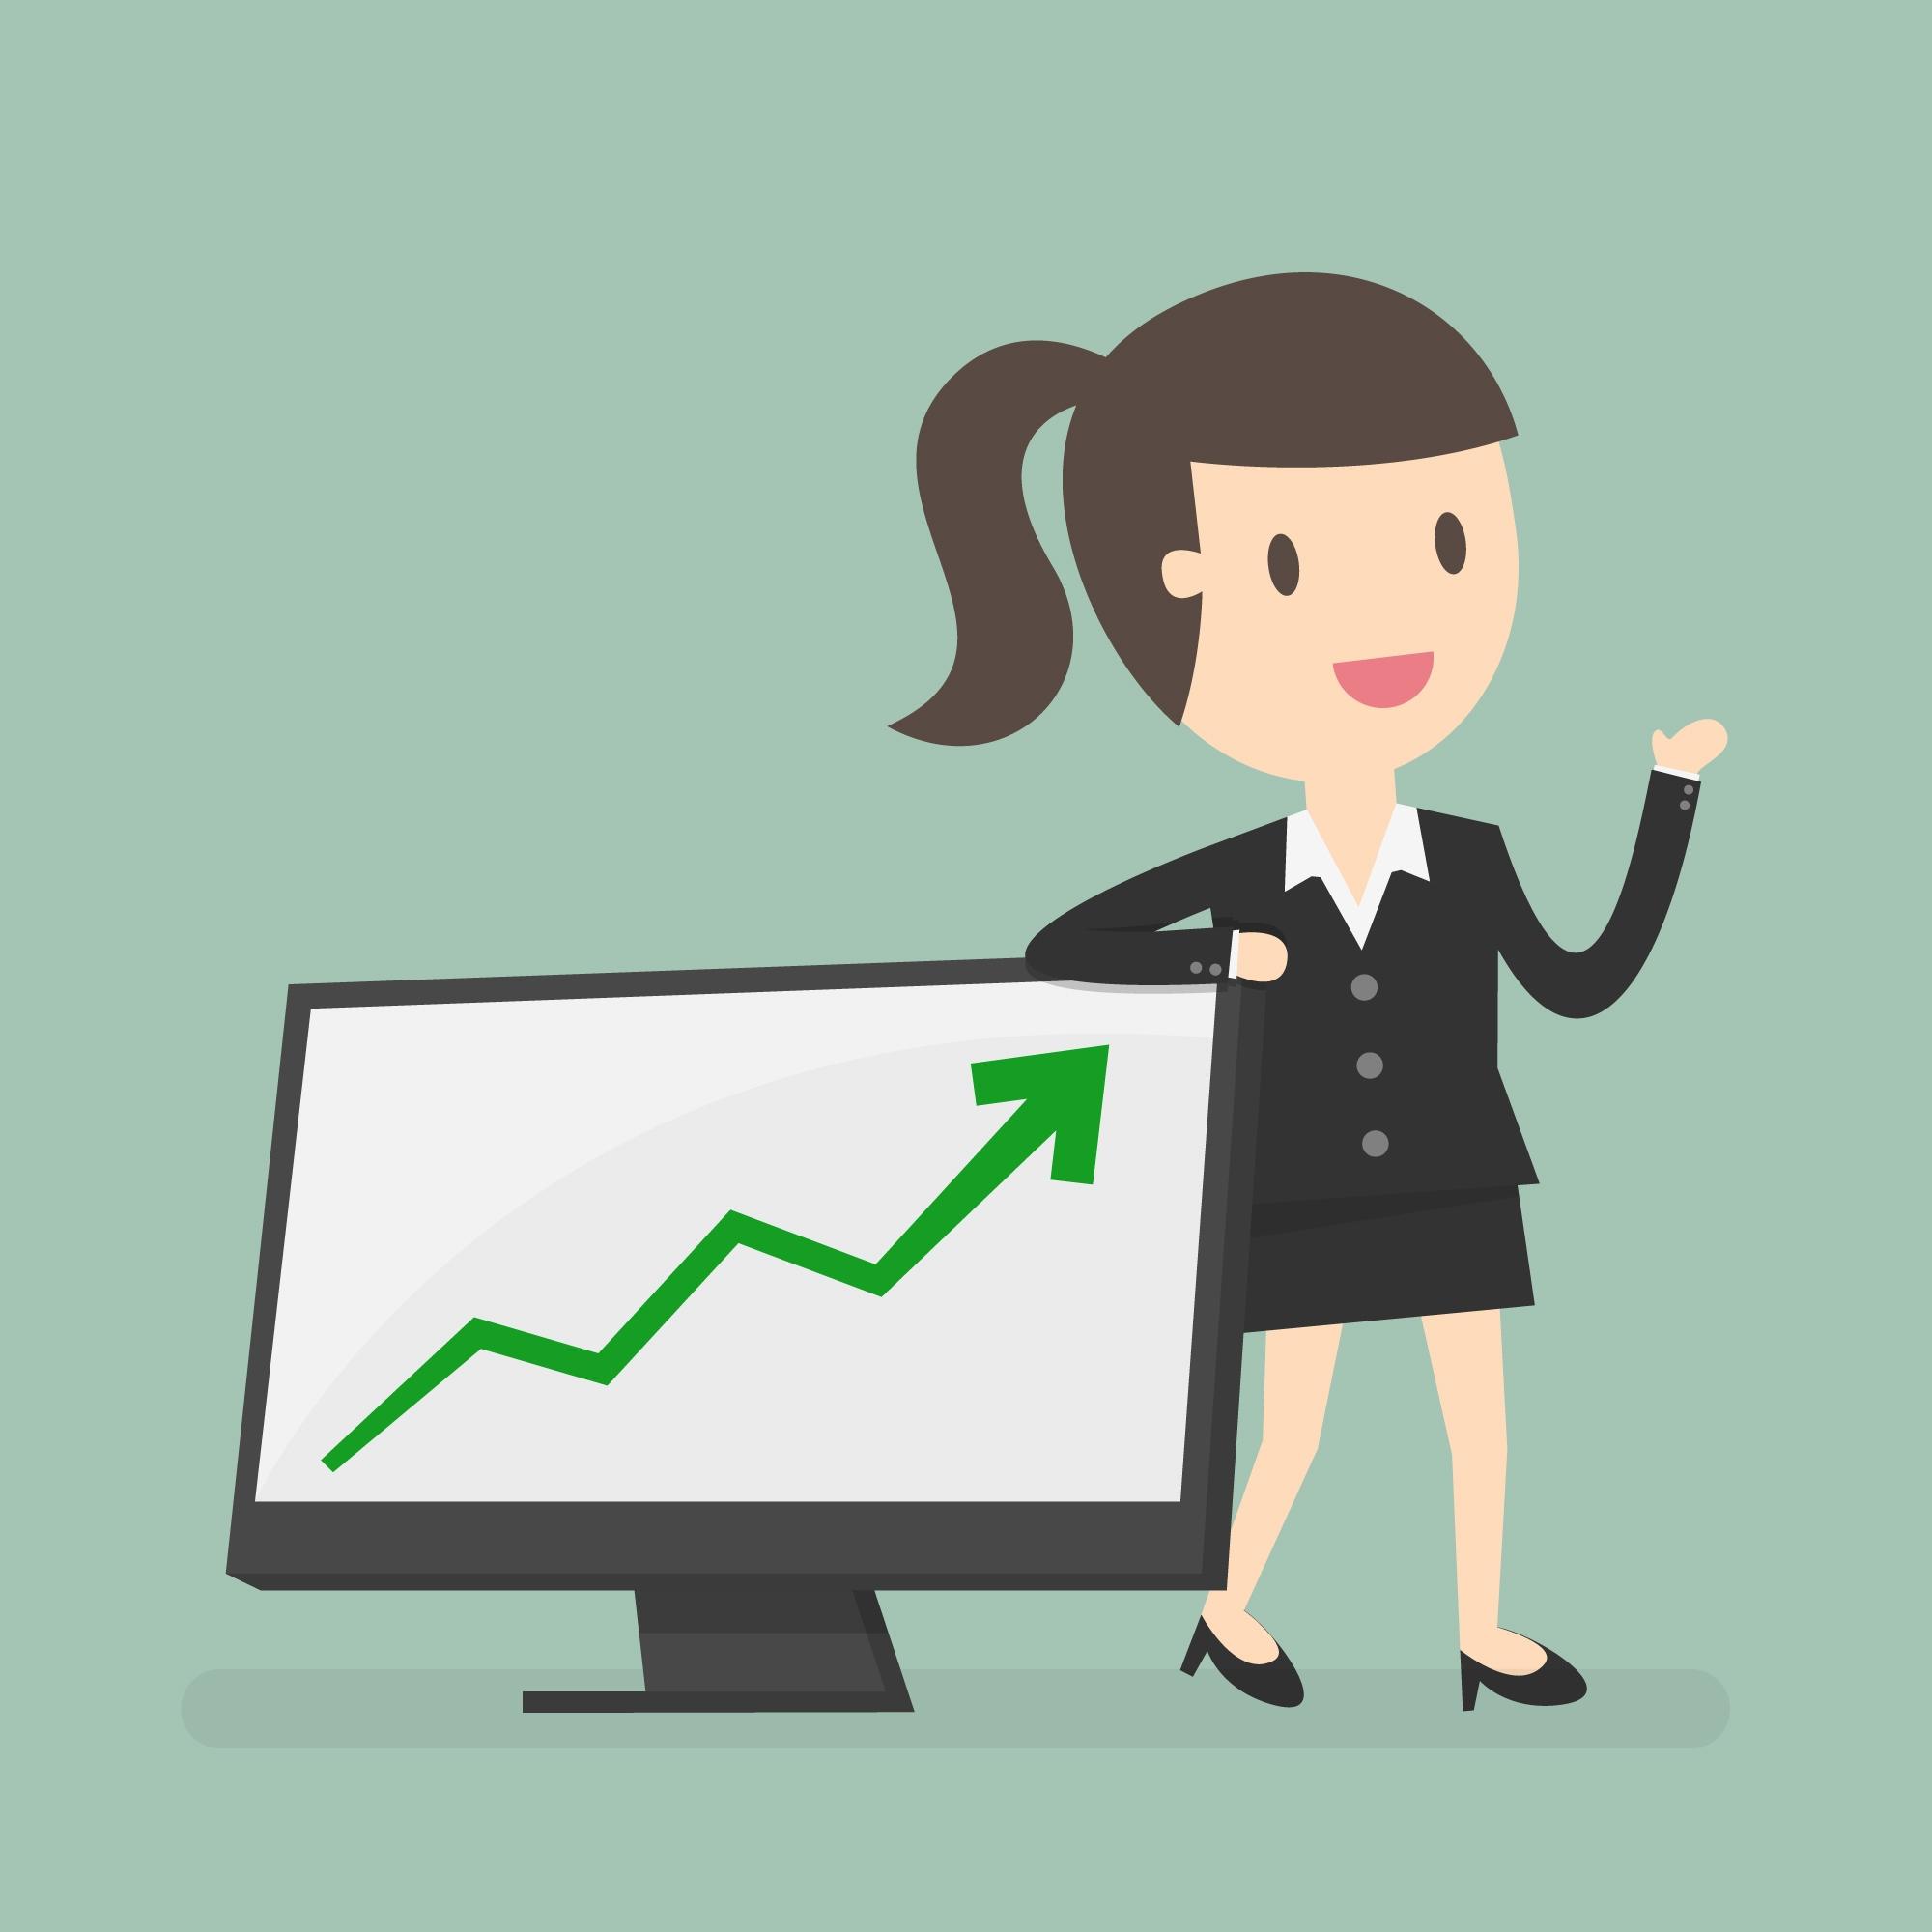 Como aumentar as vendas da minha empresa: 6 dicas importantes